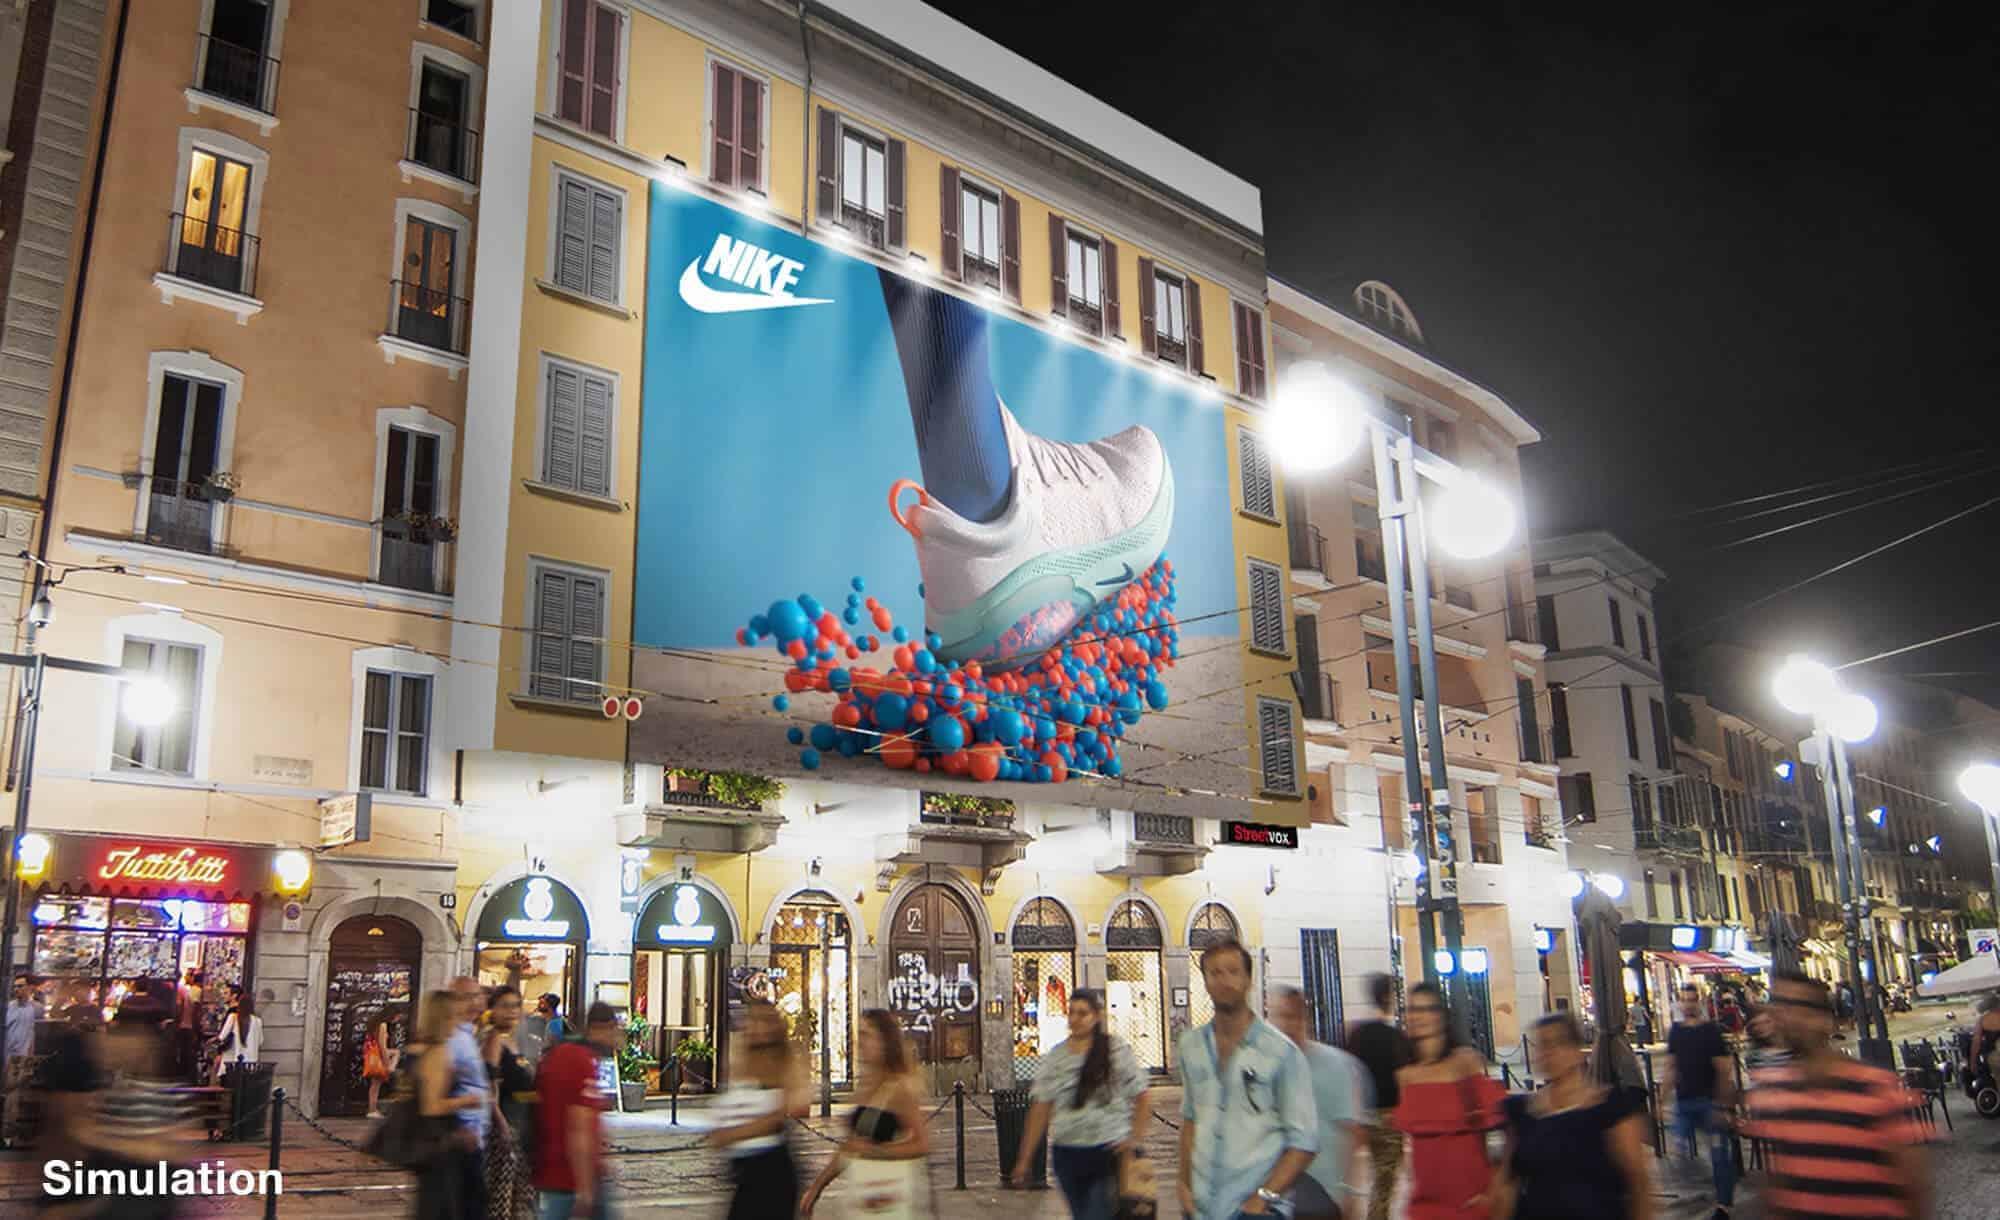 Maxi Affissione a Milano in Corso Ticinese 16 di Nike (sport)